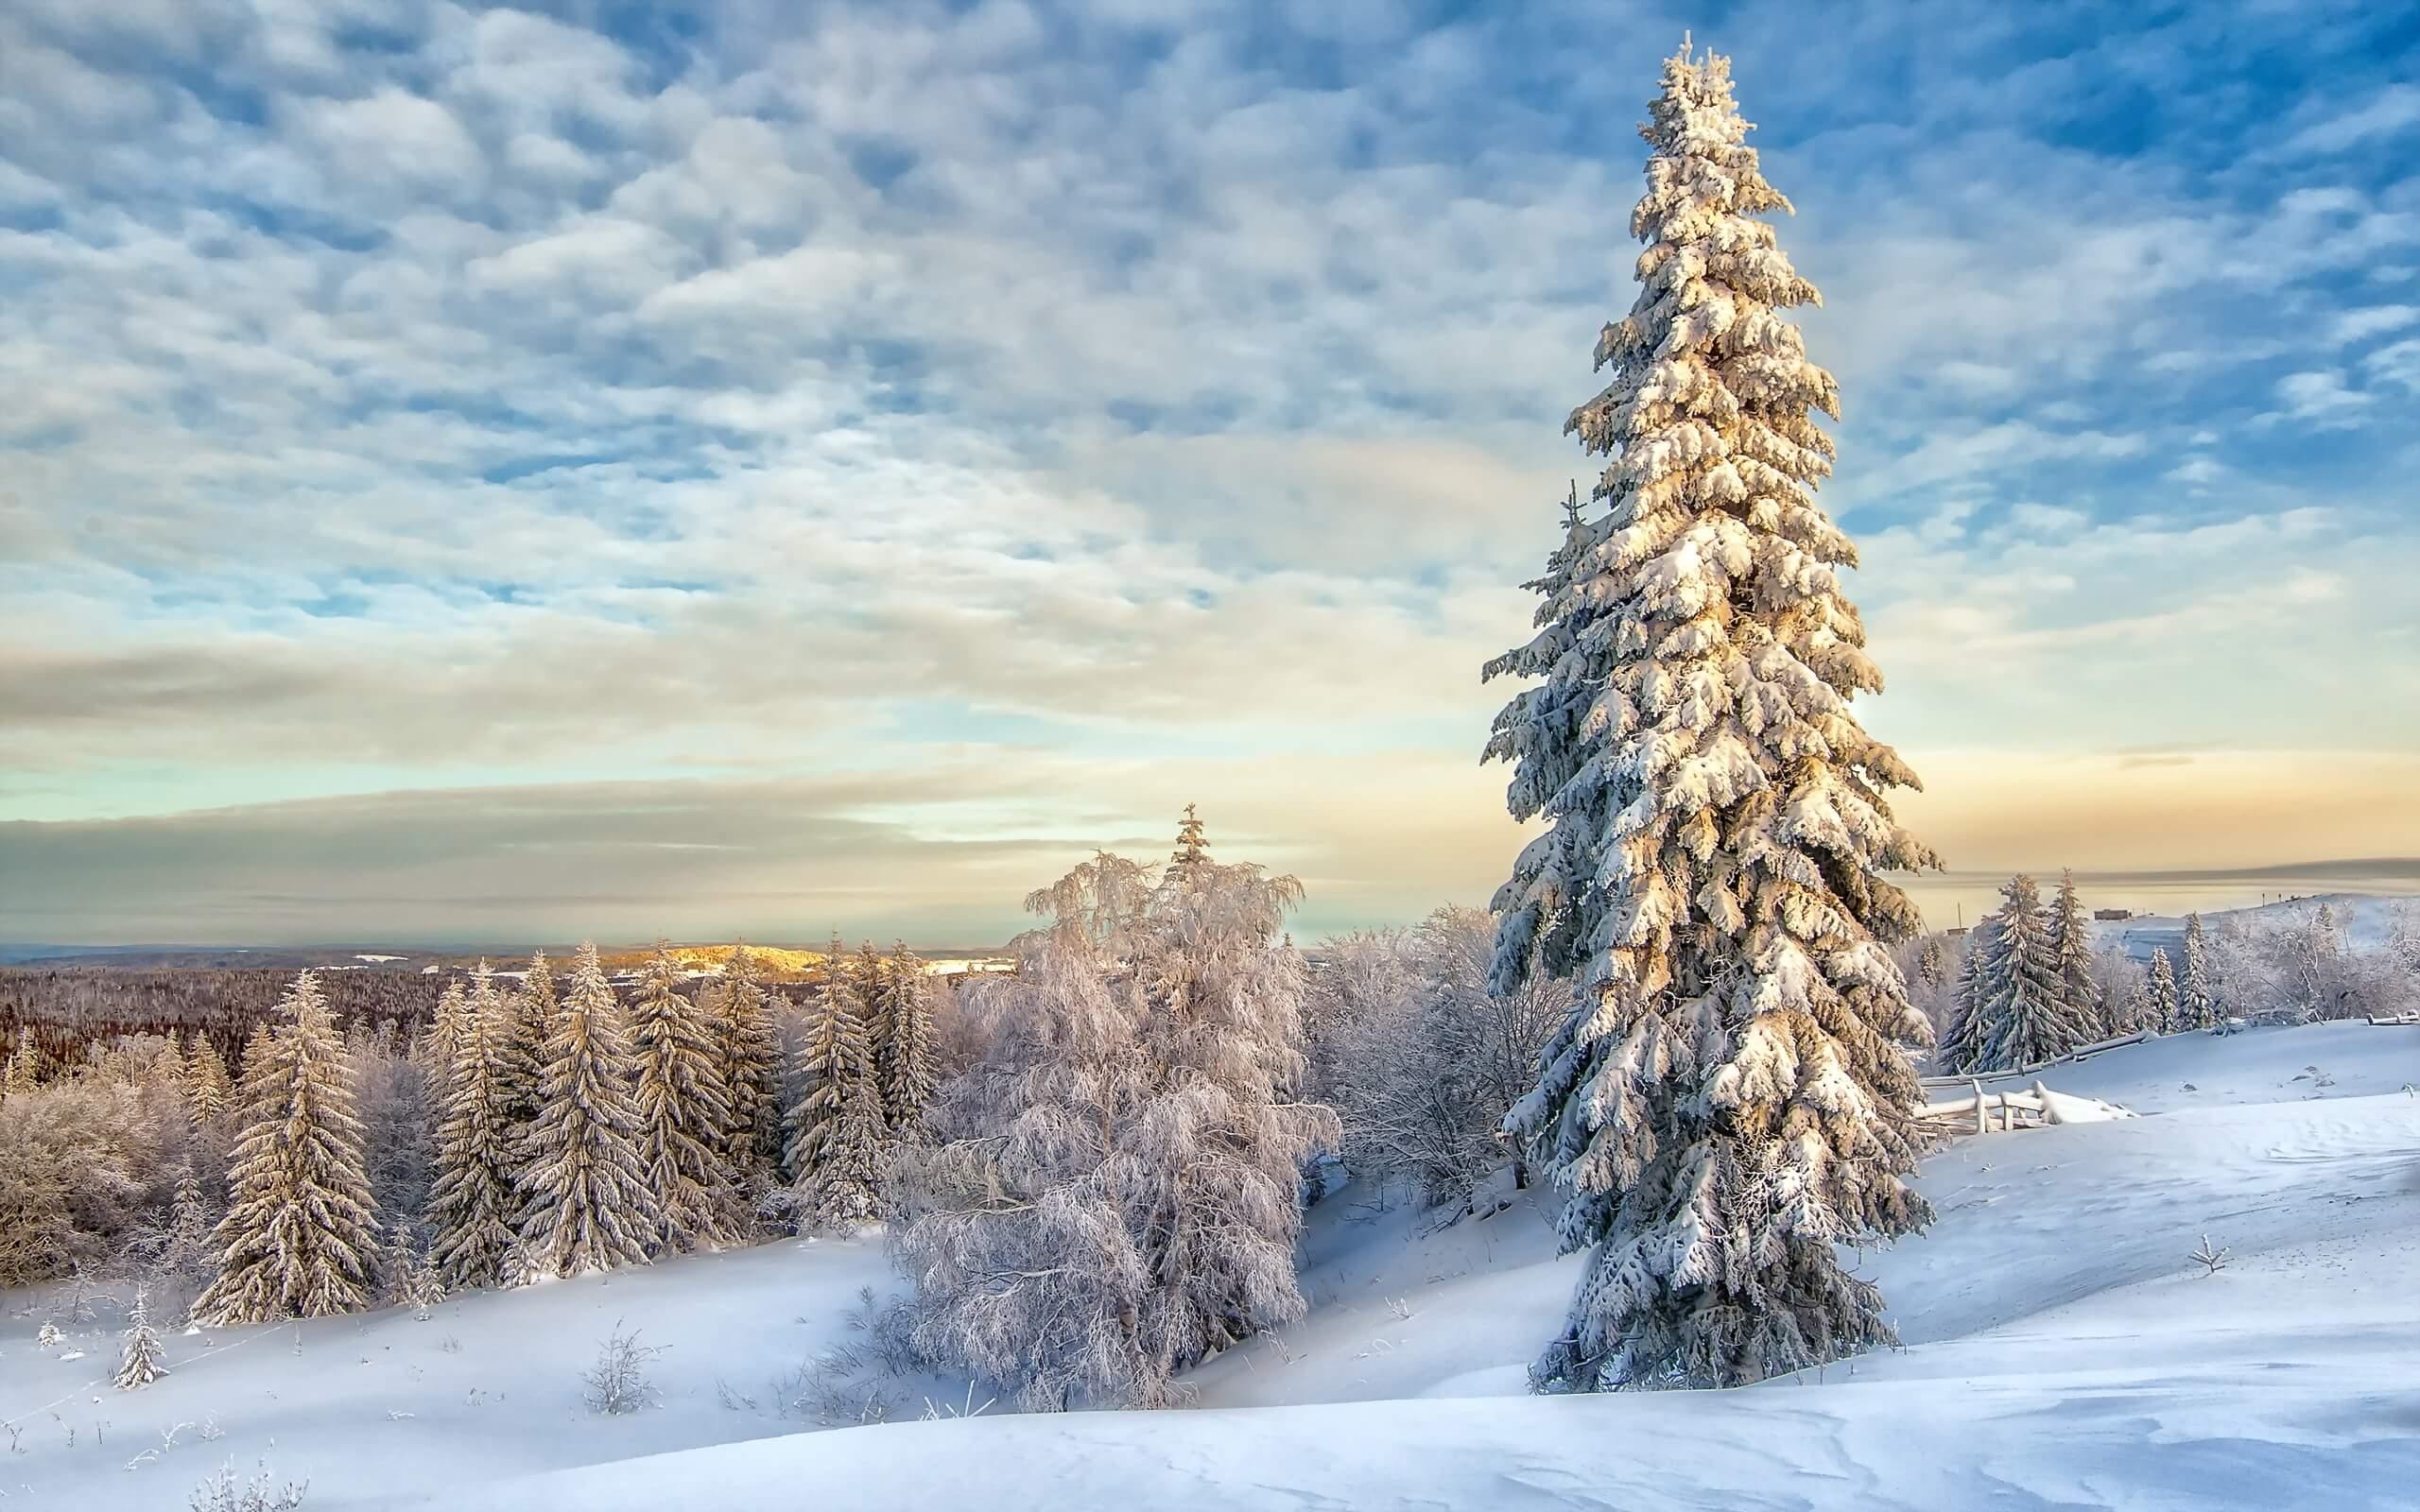 русская зима красивые картинки подборке бары